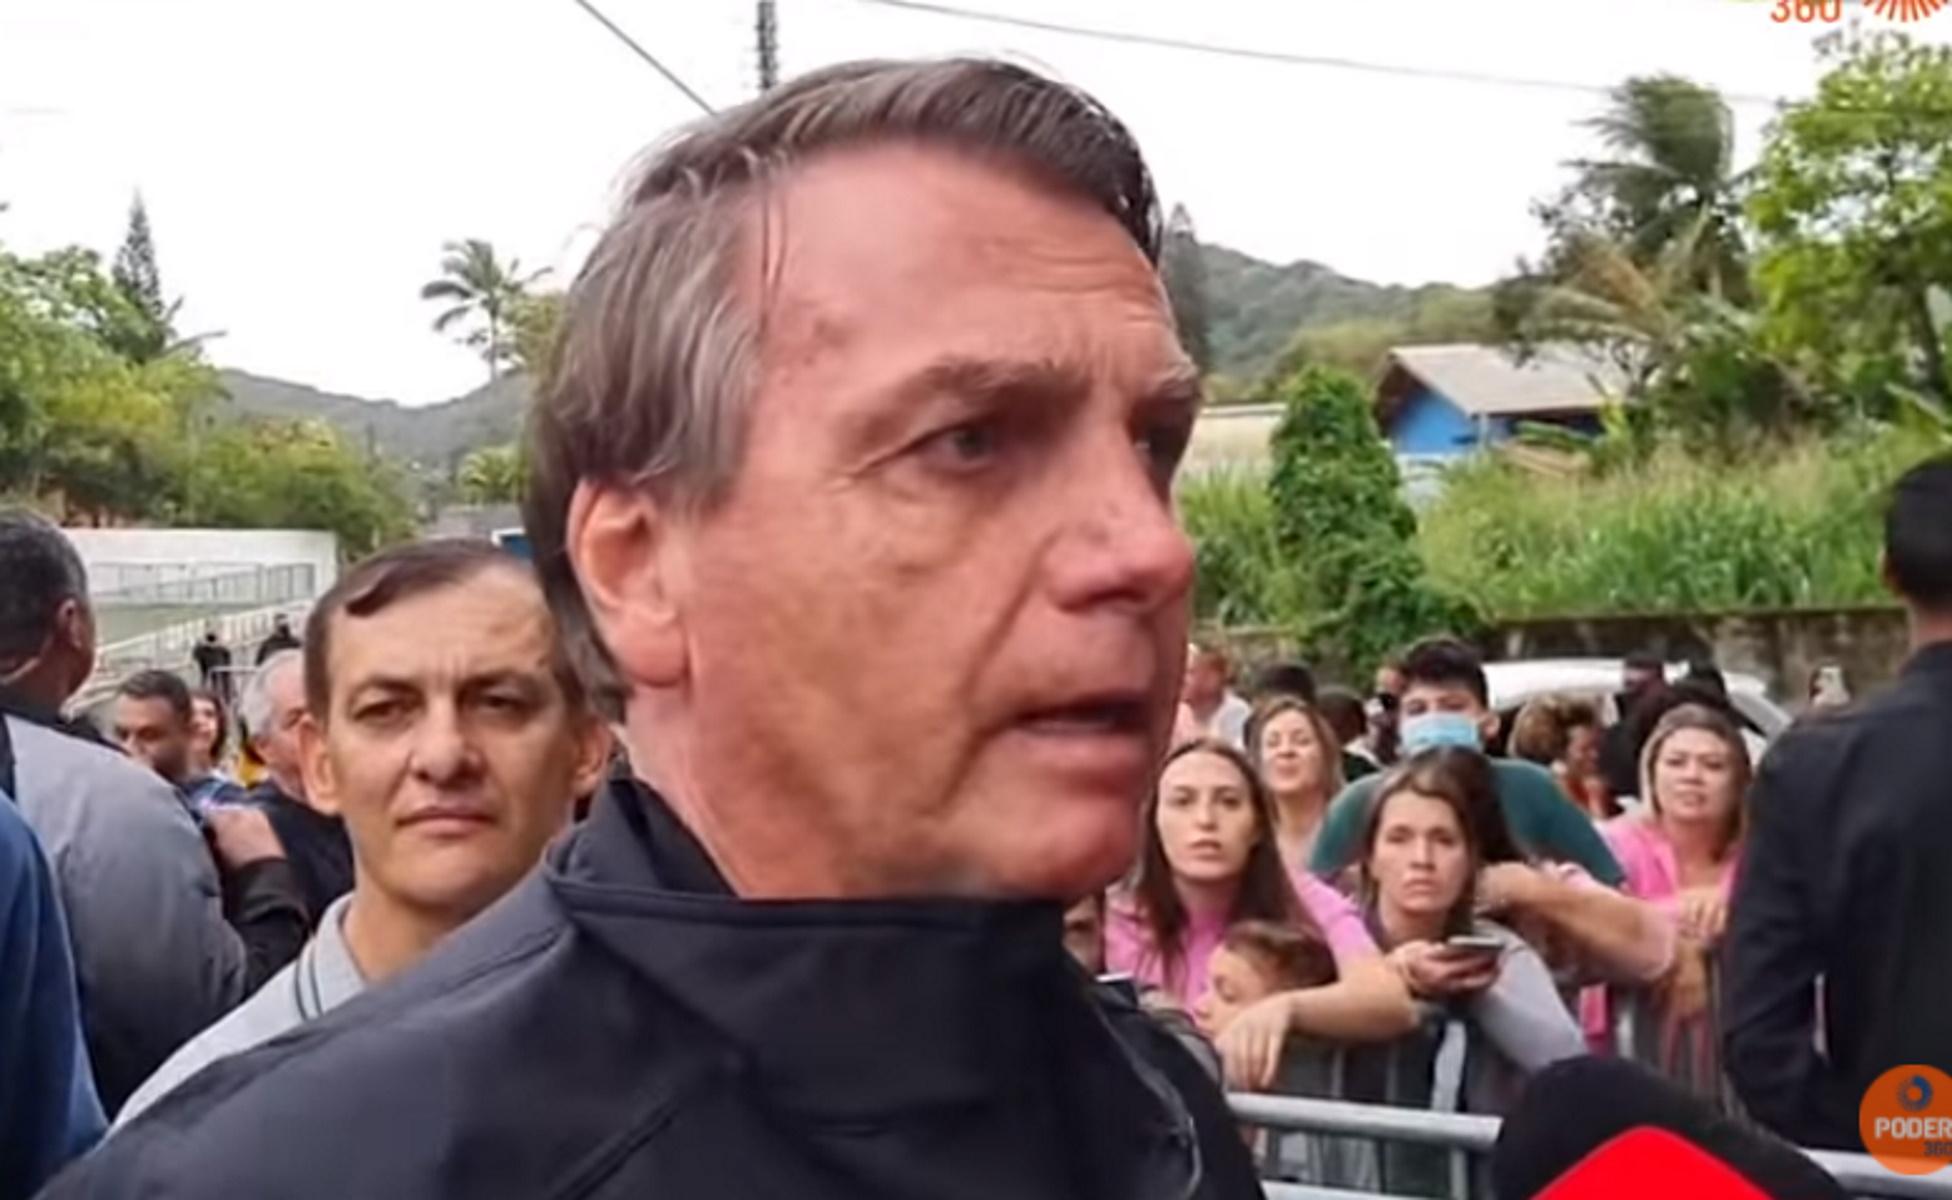 Μπολσονάρο: Απαγορεύτηκε η είσοδος στον ανεμβολίαστο πρόεδρο της Βραζιλίας στο Σάντος – Γκρέμιο